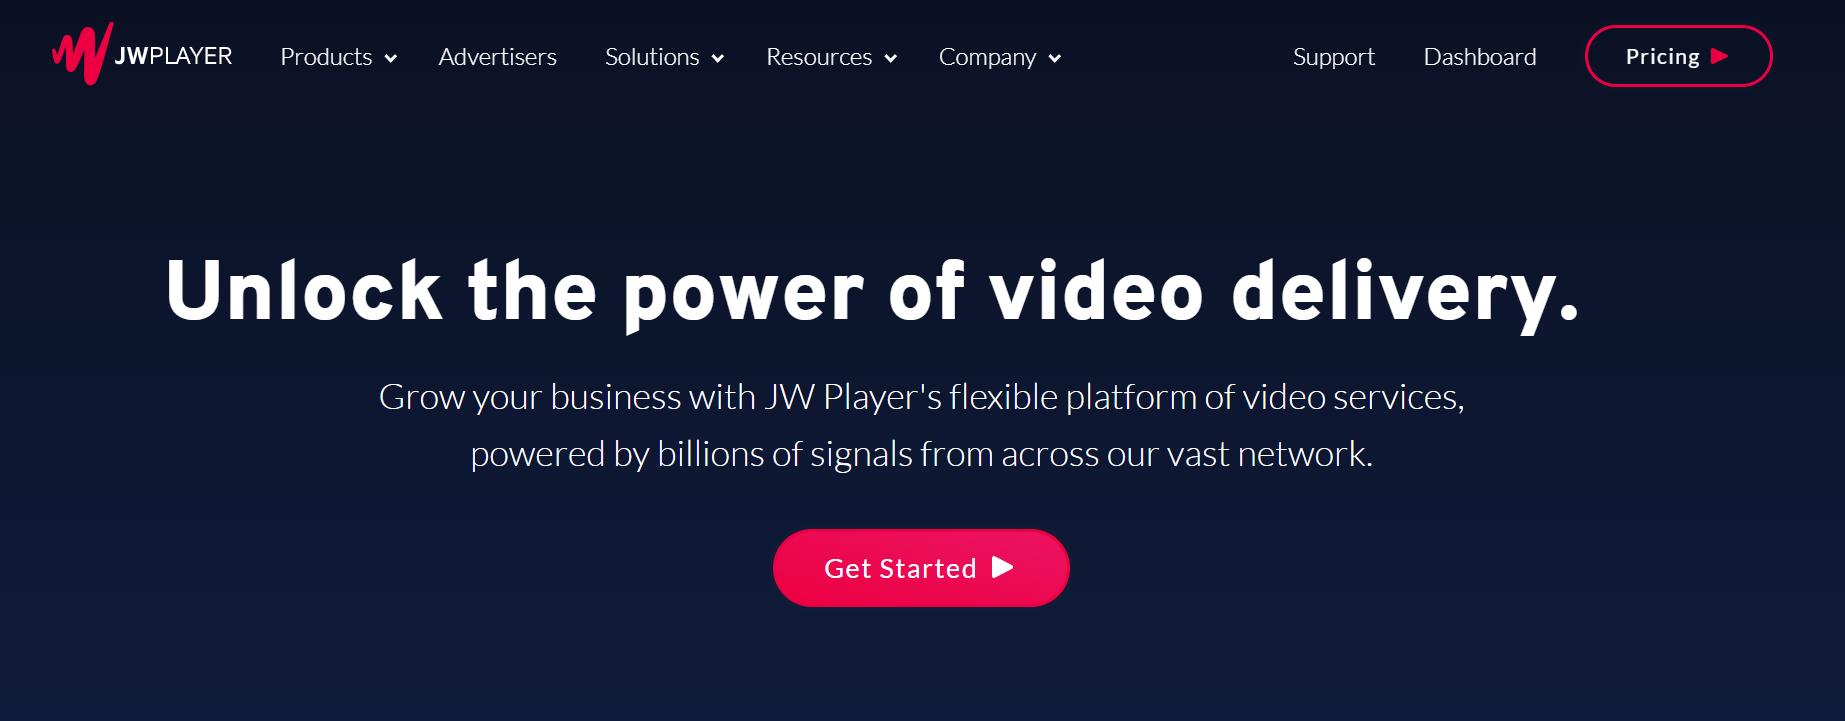 jwplayer.png